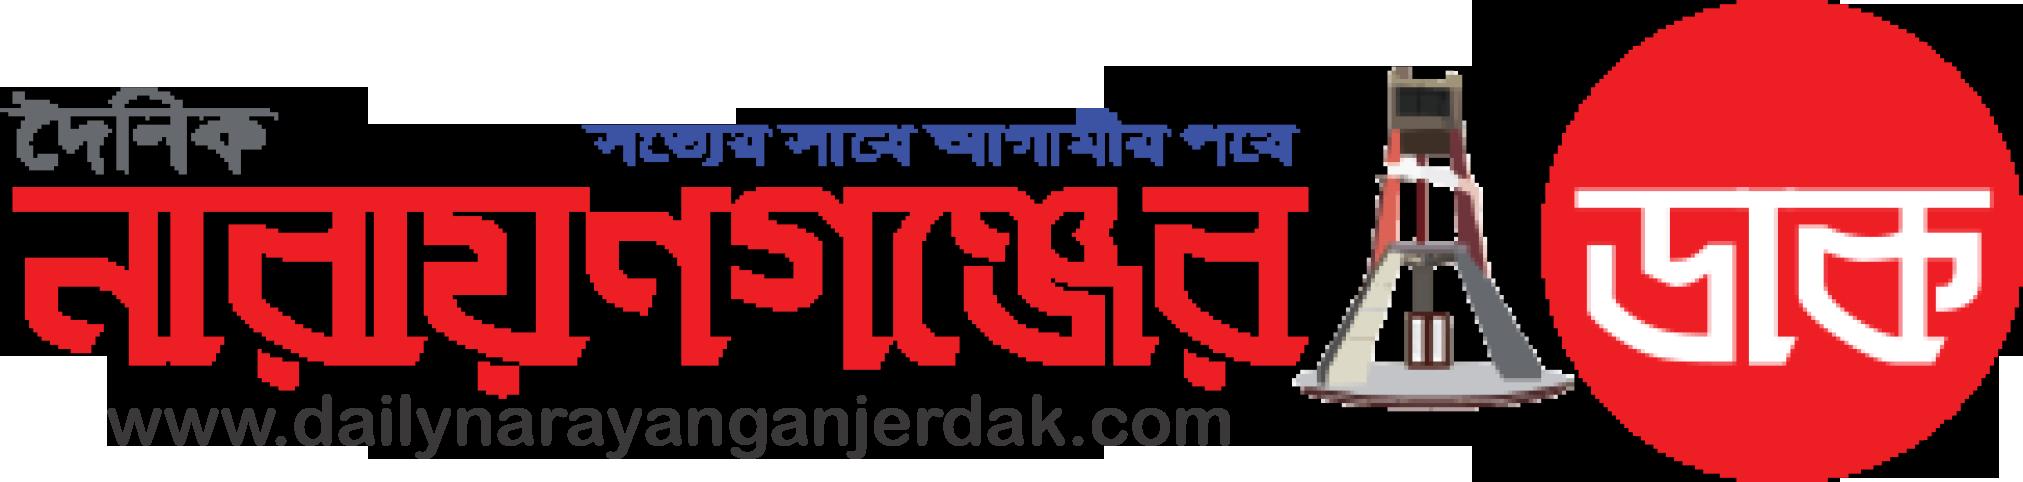 নারায়ণগঞ্জের ডাক | logo